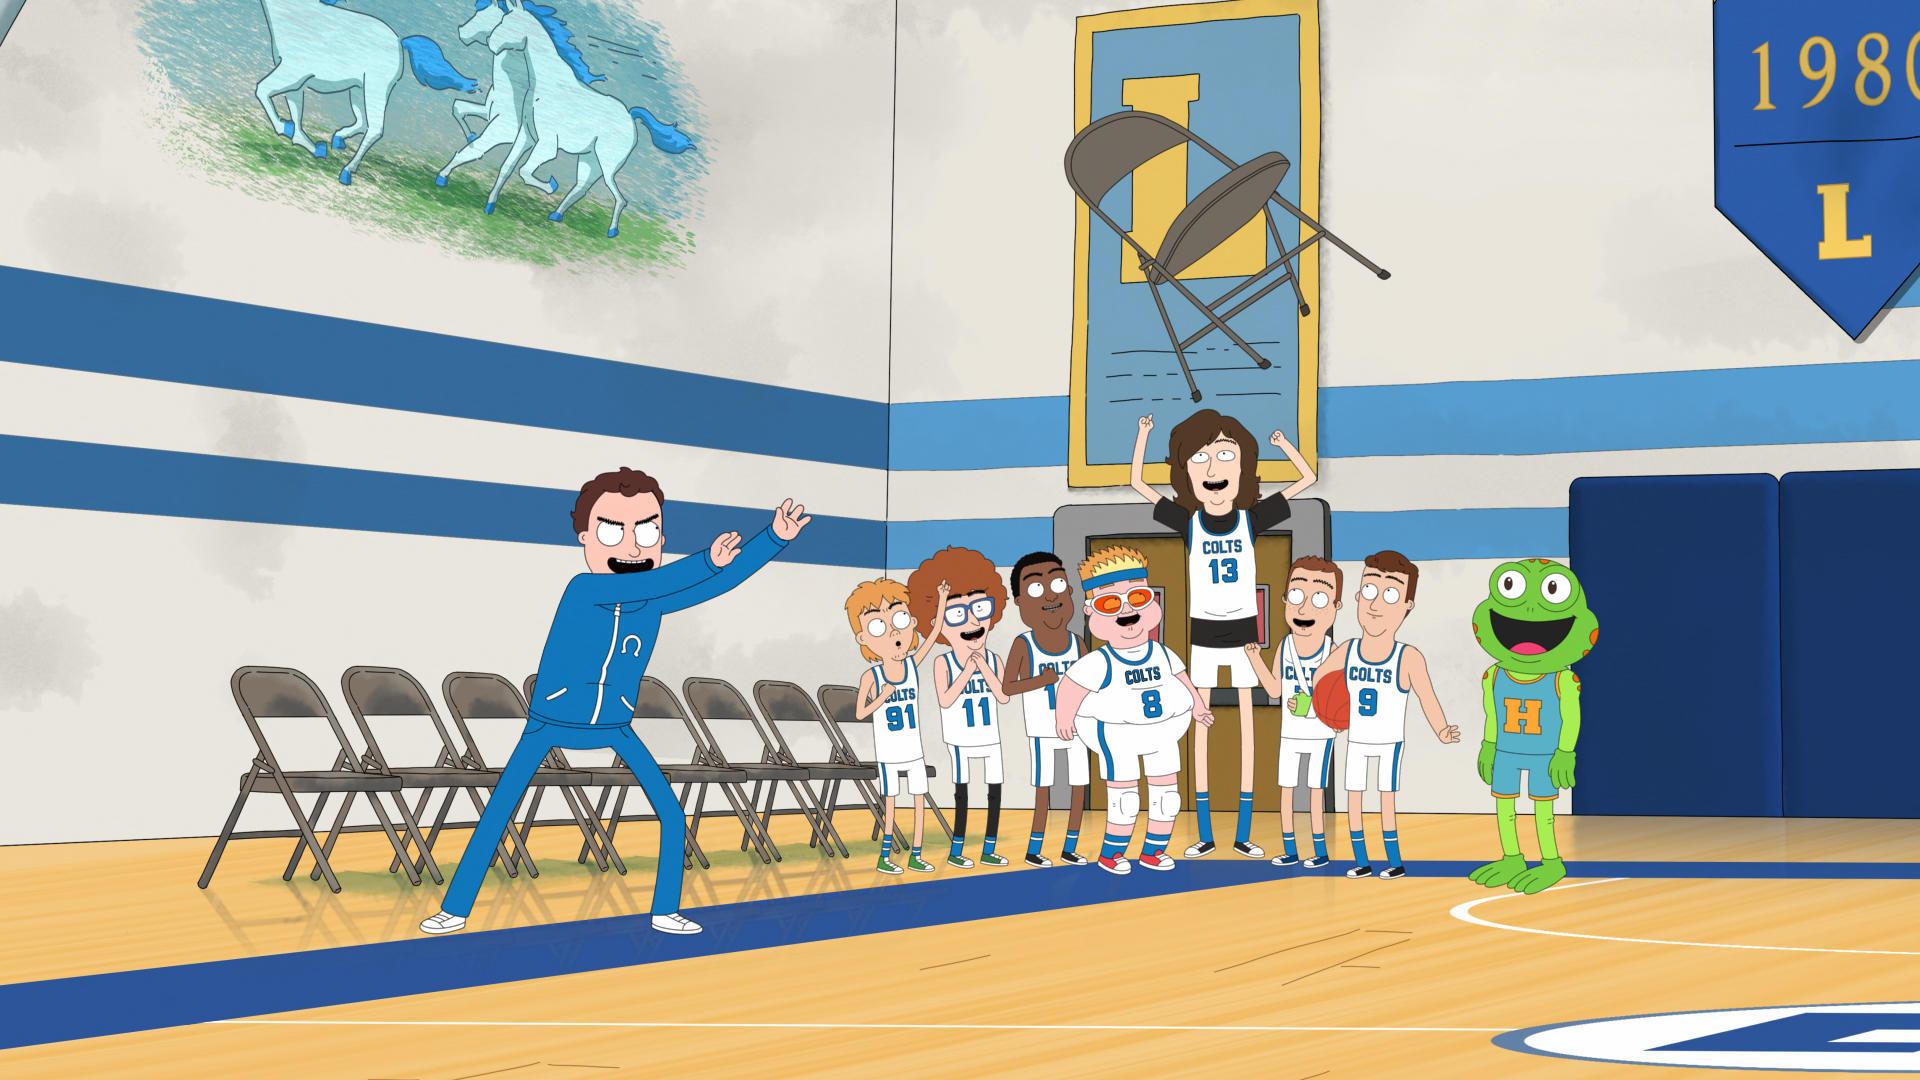 Вышел трейлер новой анимационной комедии Netflix про баскетбол